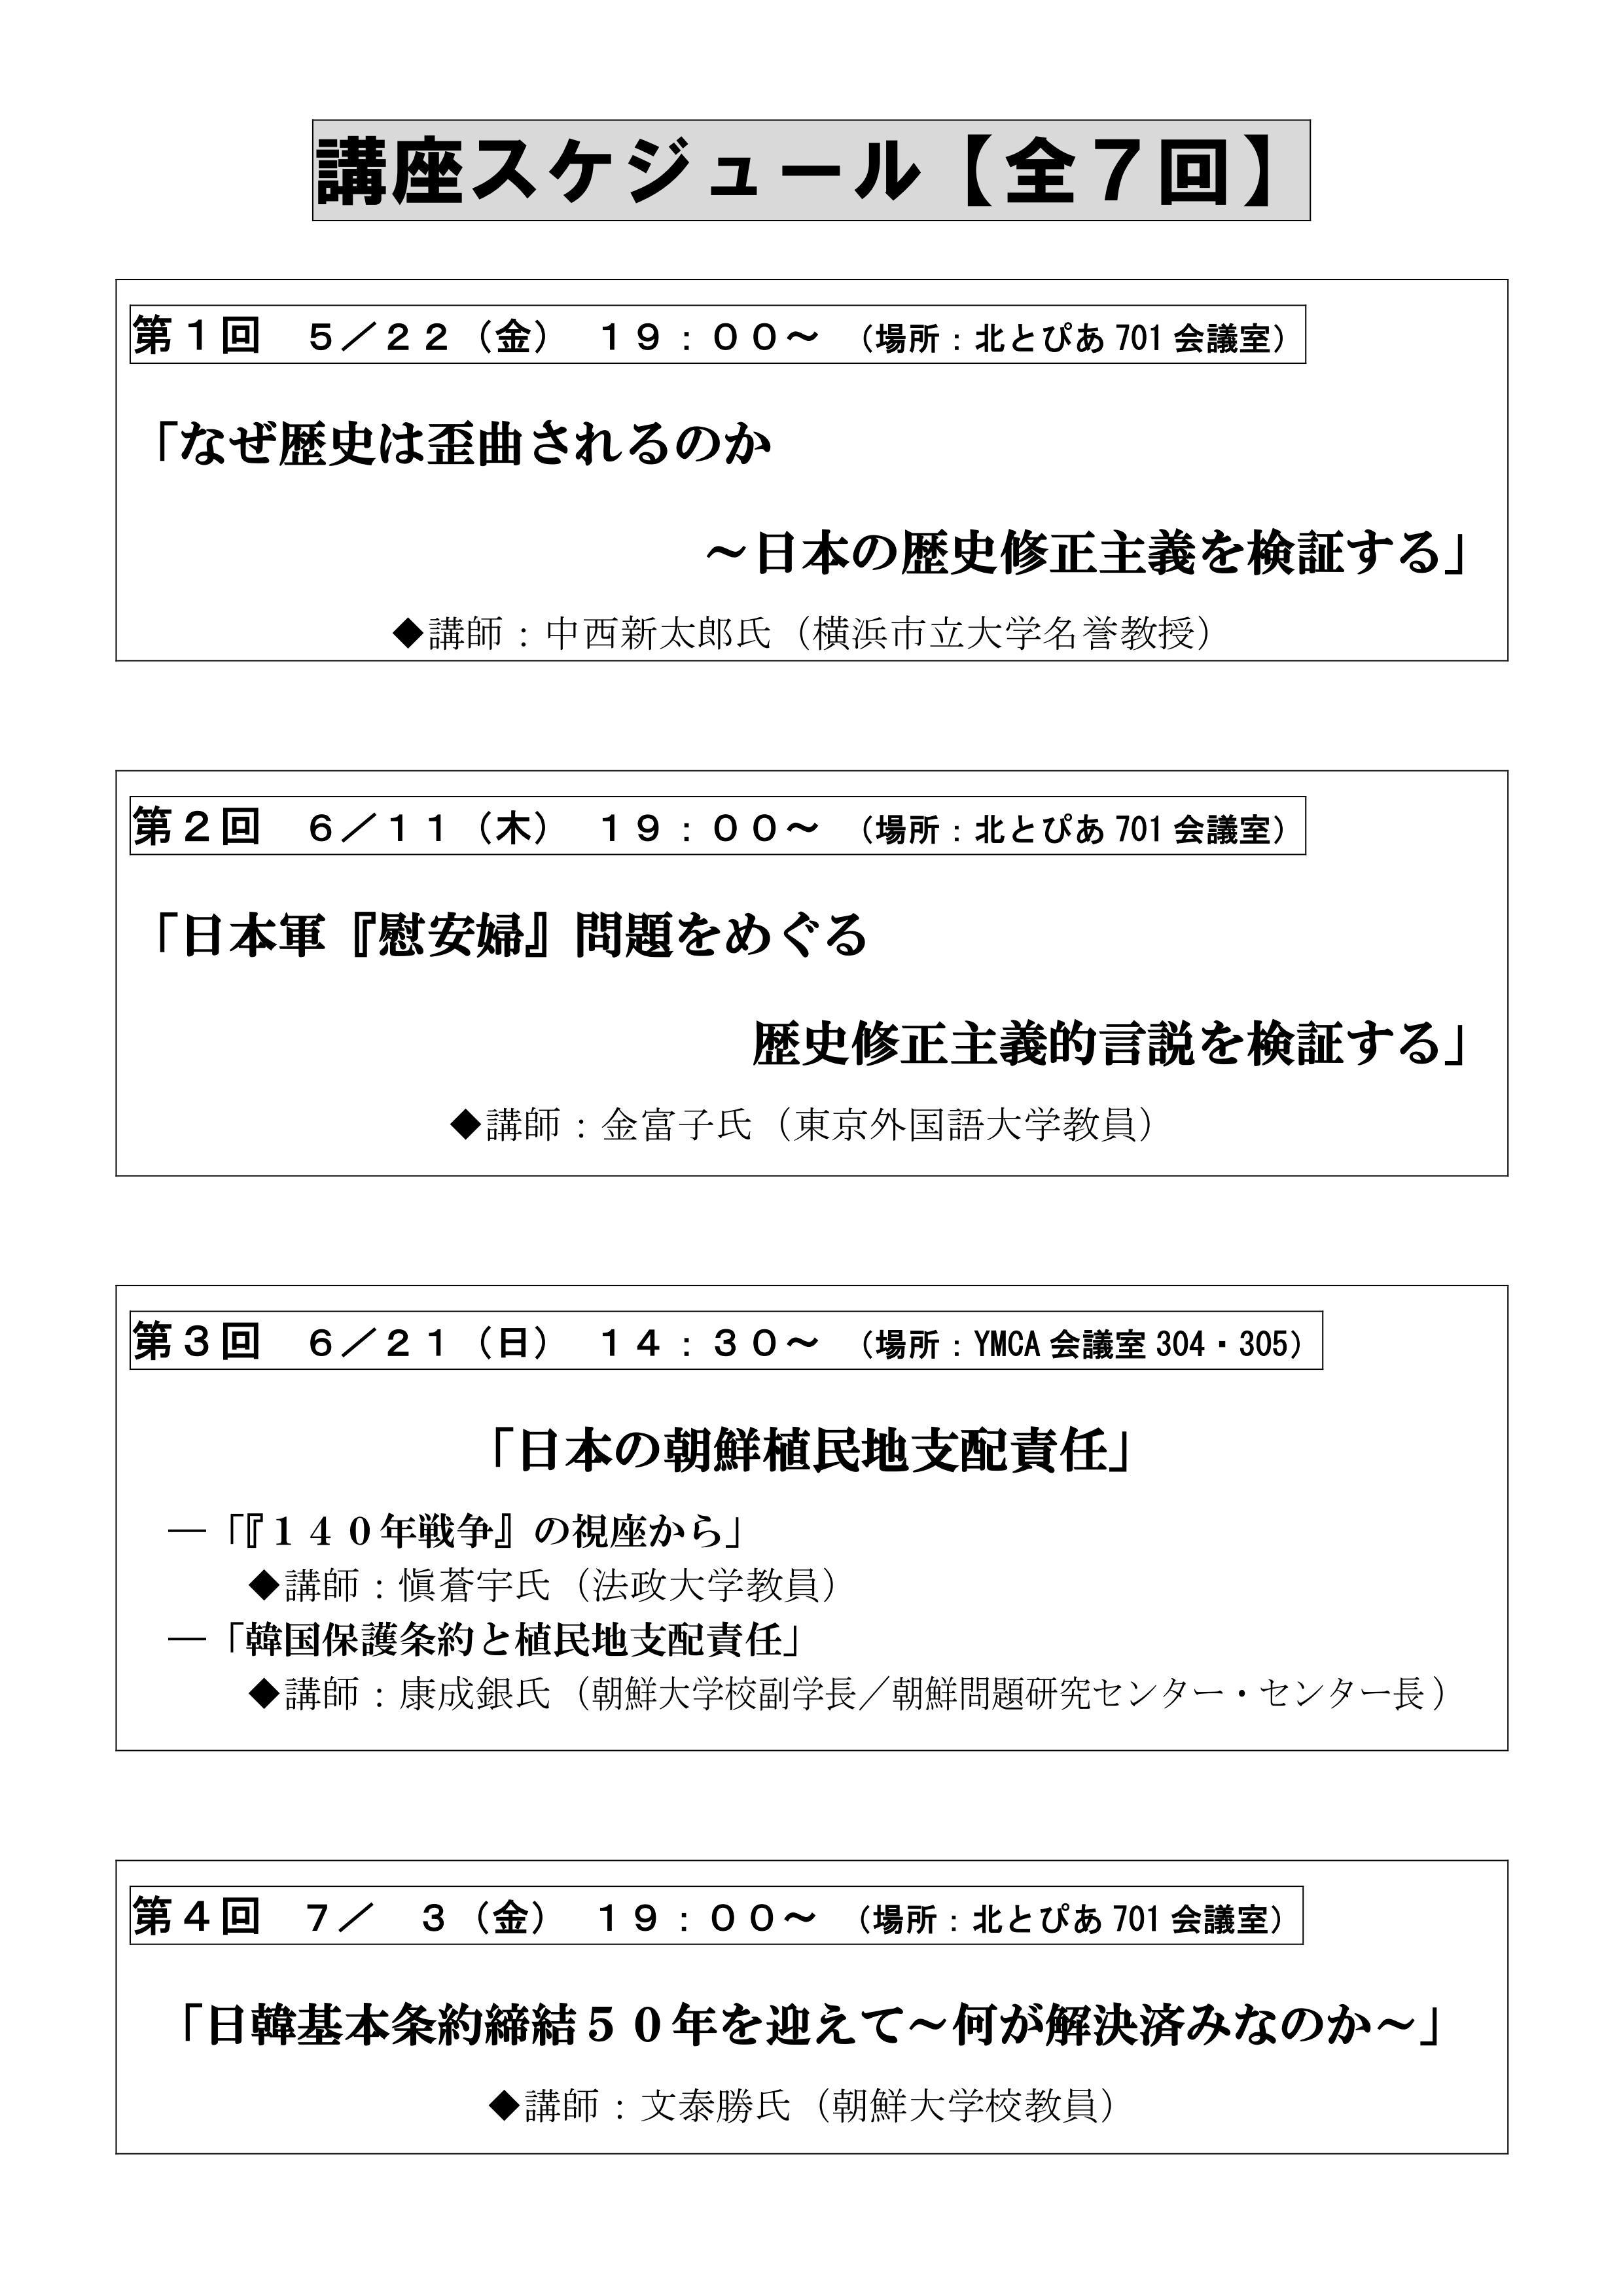 連続講座 ビラ_02